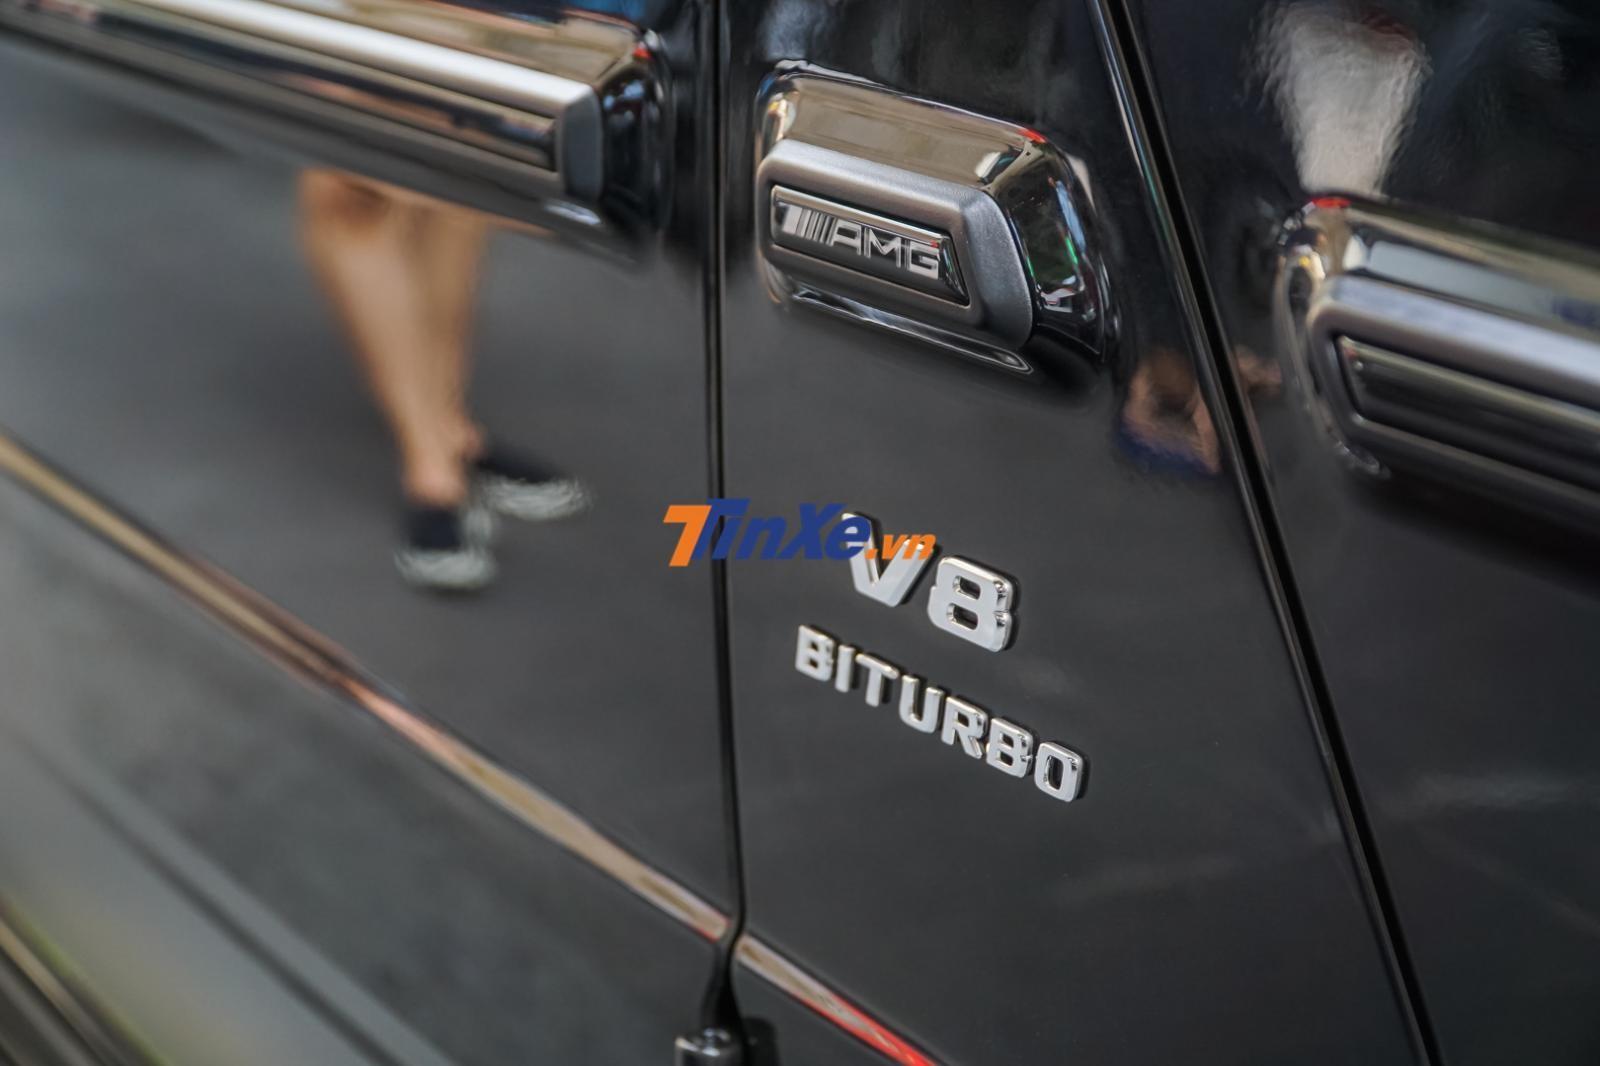 Mercedes-AMG G63 Edition 1 đời 2019 sử dụng động cơ xăng V8, tăng áp kép, dung tích 4.0 lít